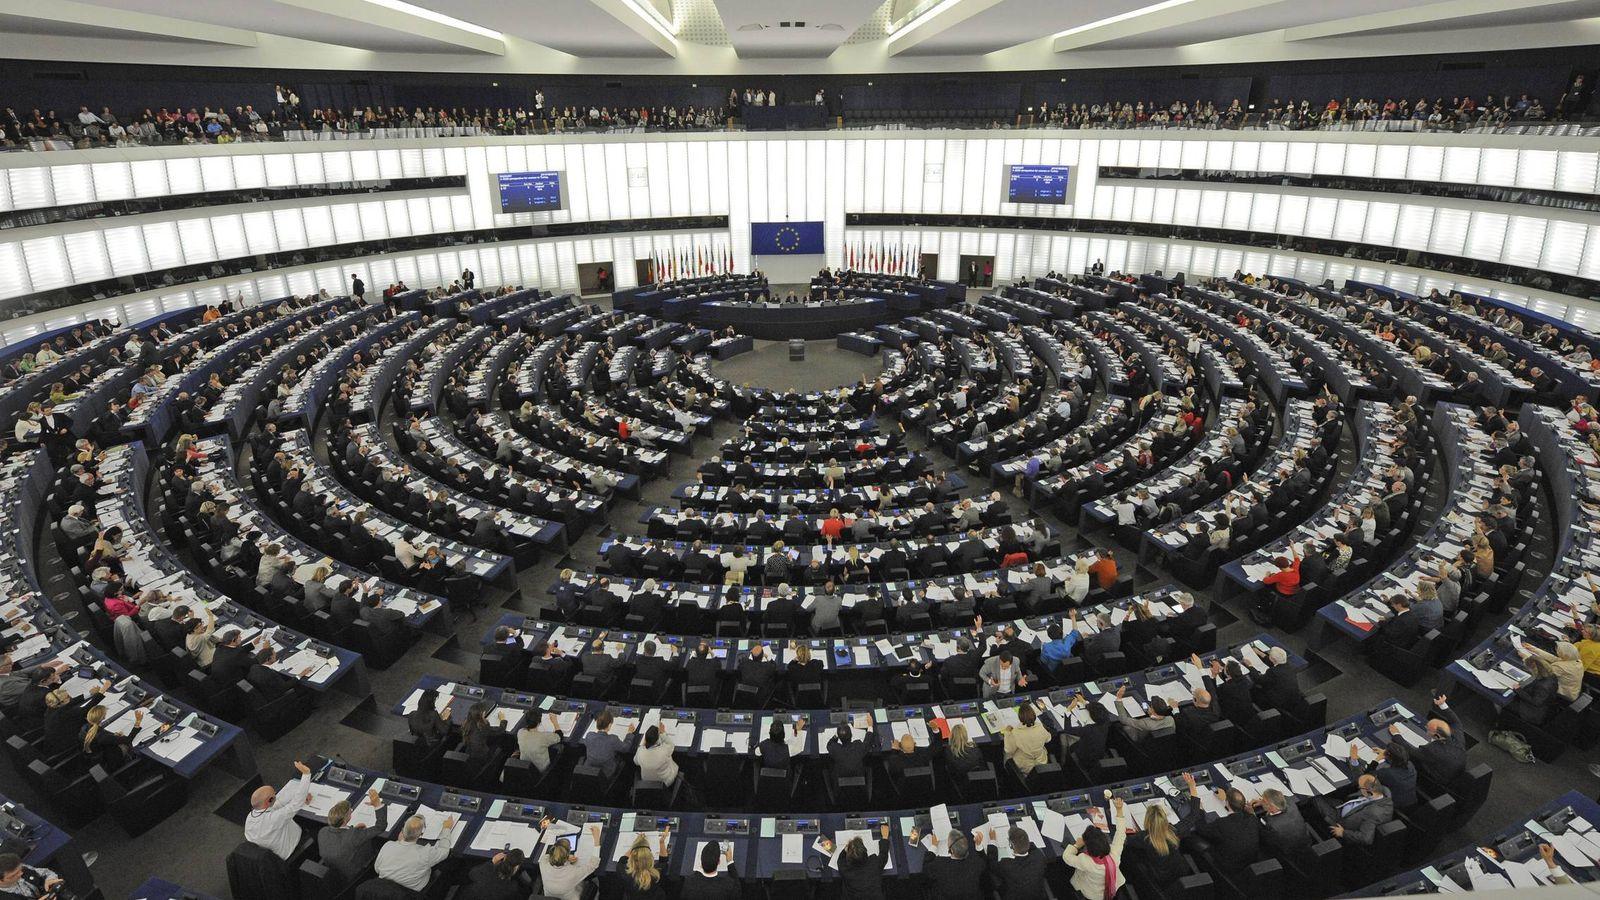 Foto: Vista general de la sede del Parlamento Europeo en Estrasburgo. (EFE)